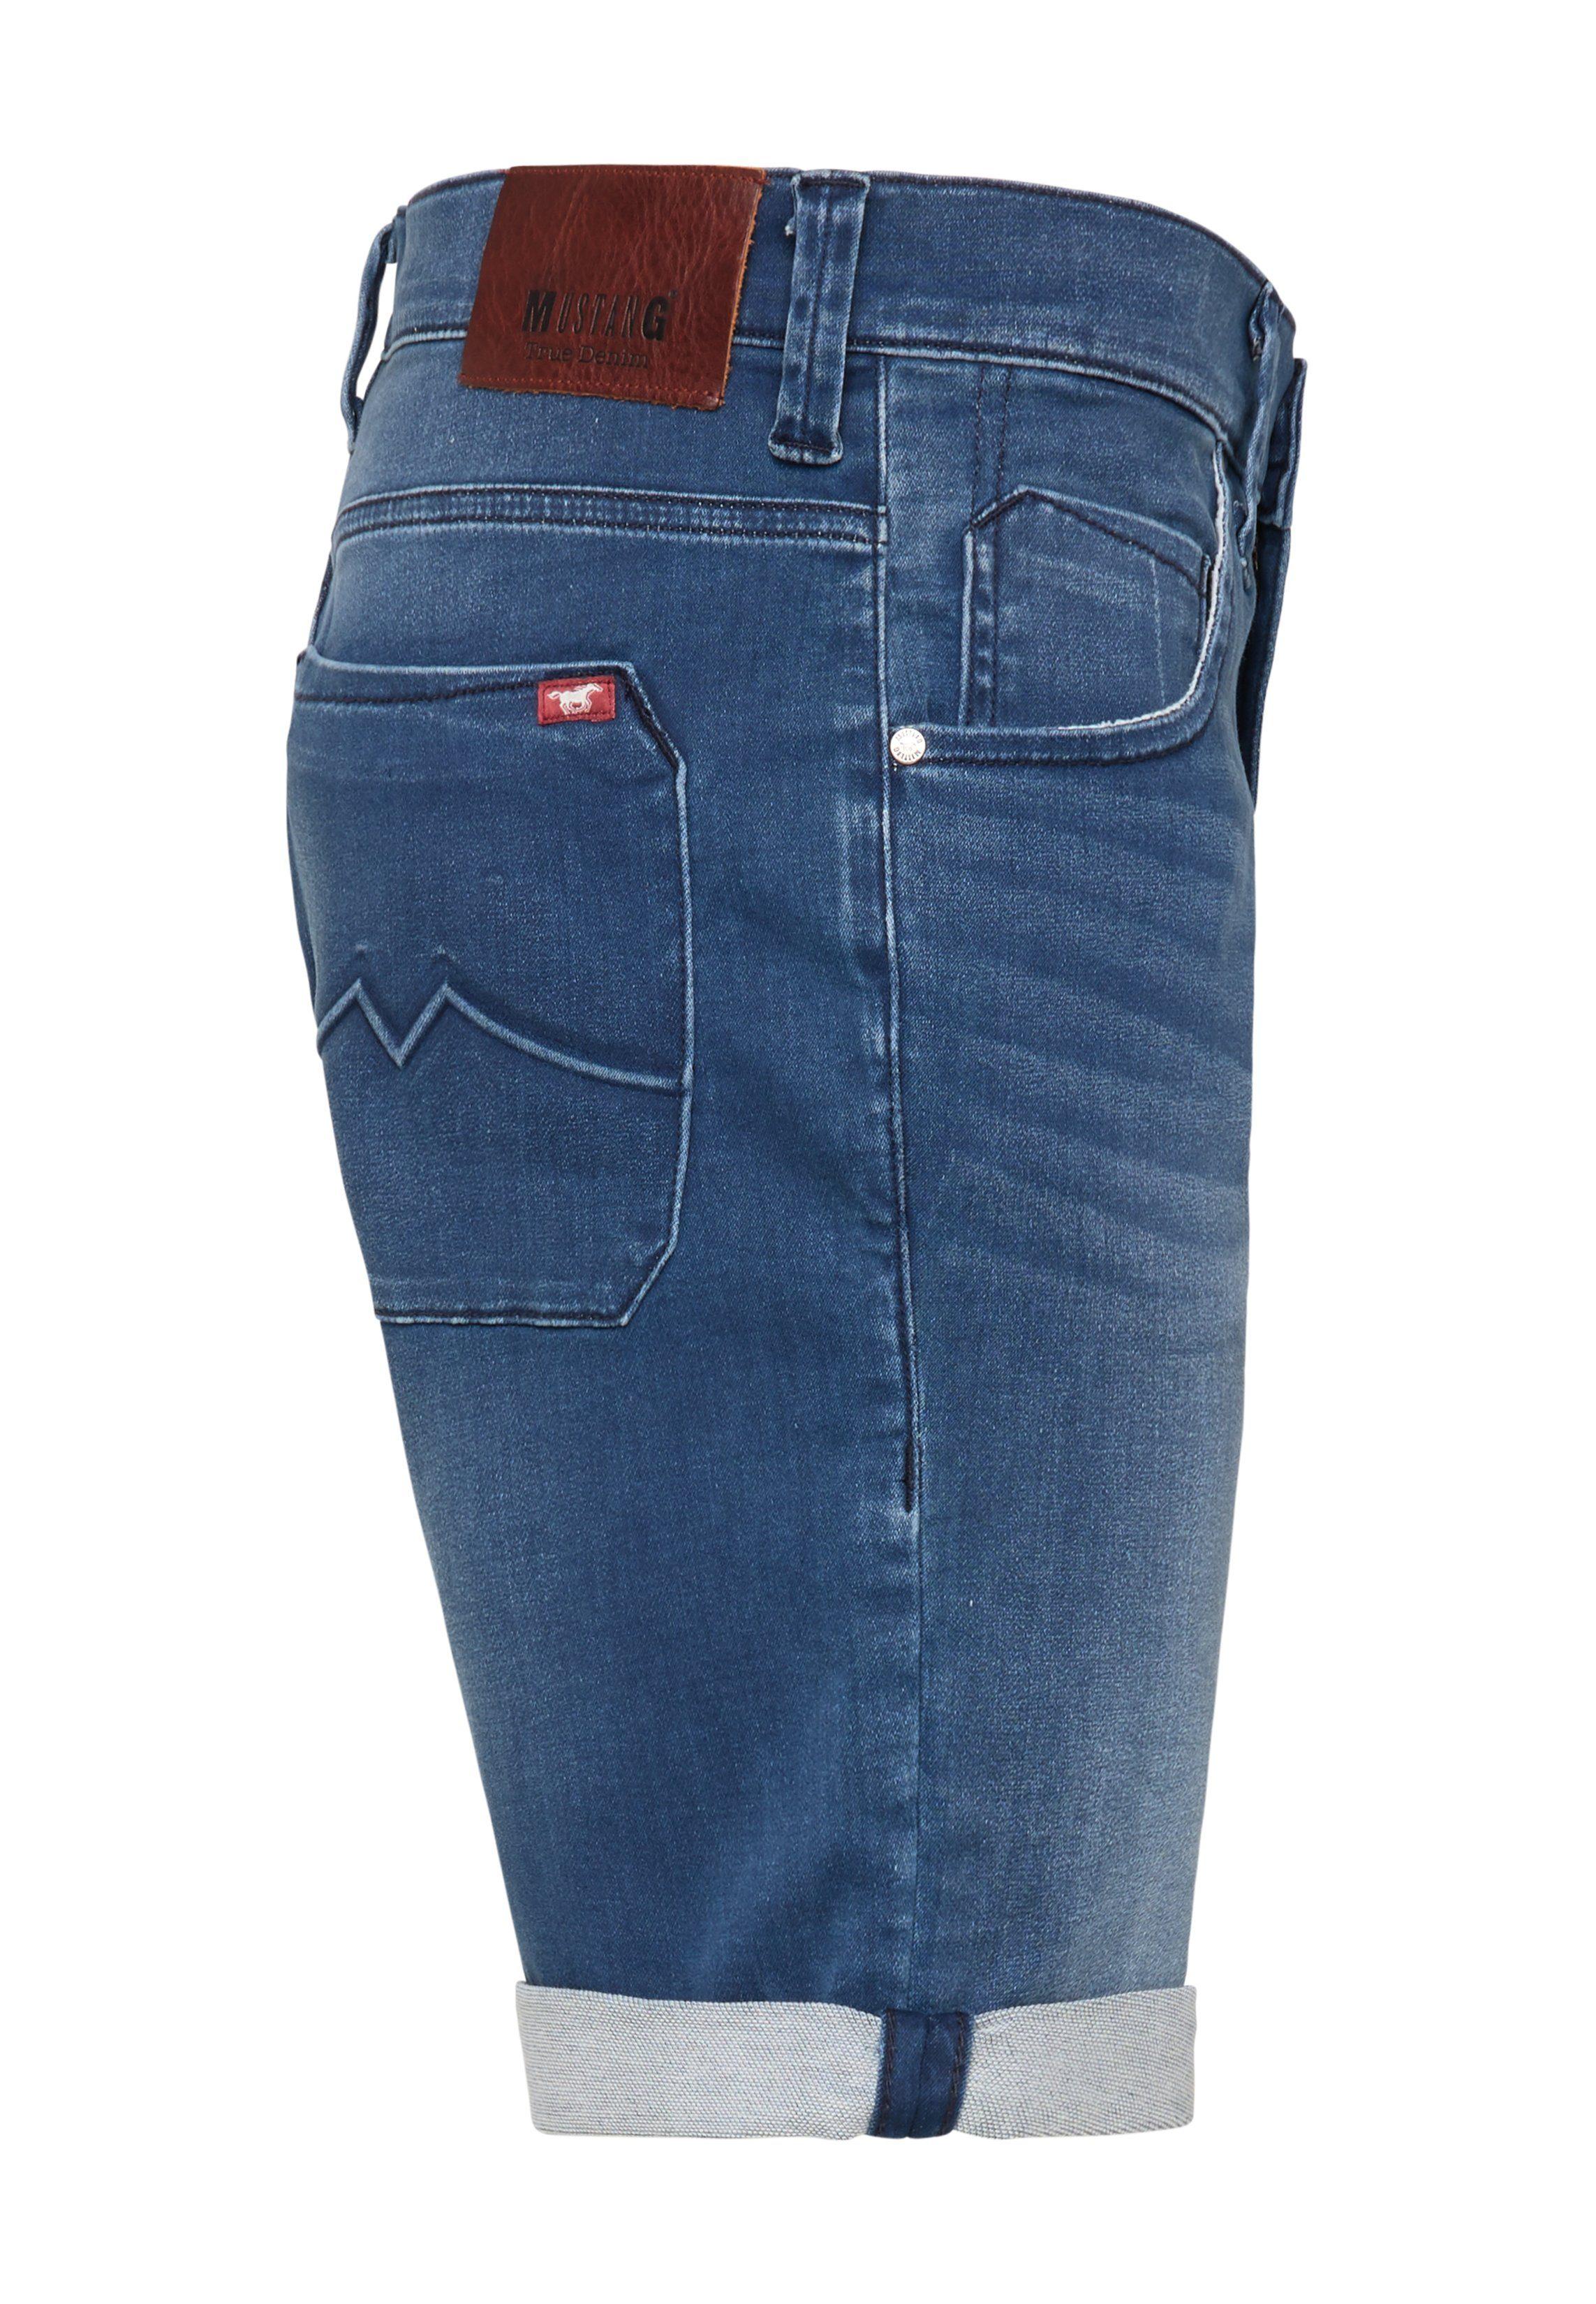 Mustang Jeansshort 5-pocket-shorts In De Online Shop - Geweldige Prijs